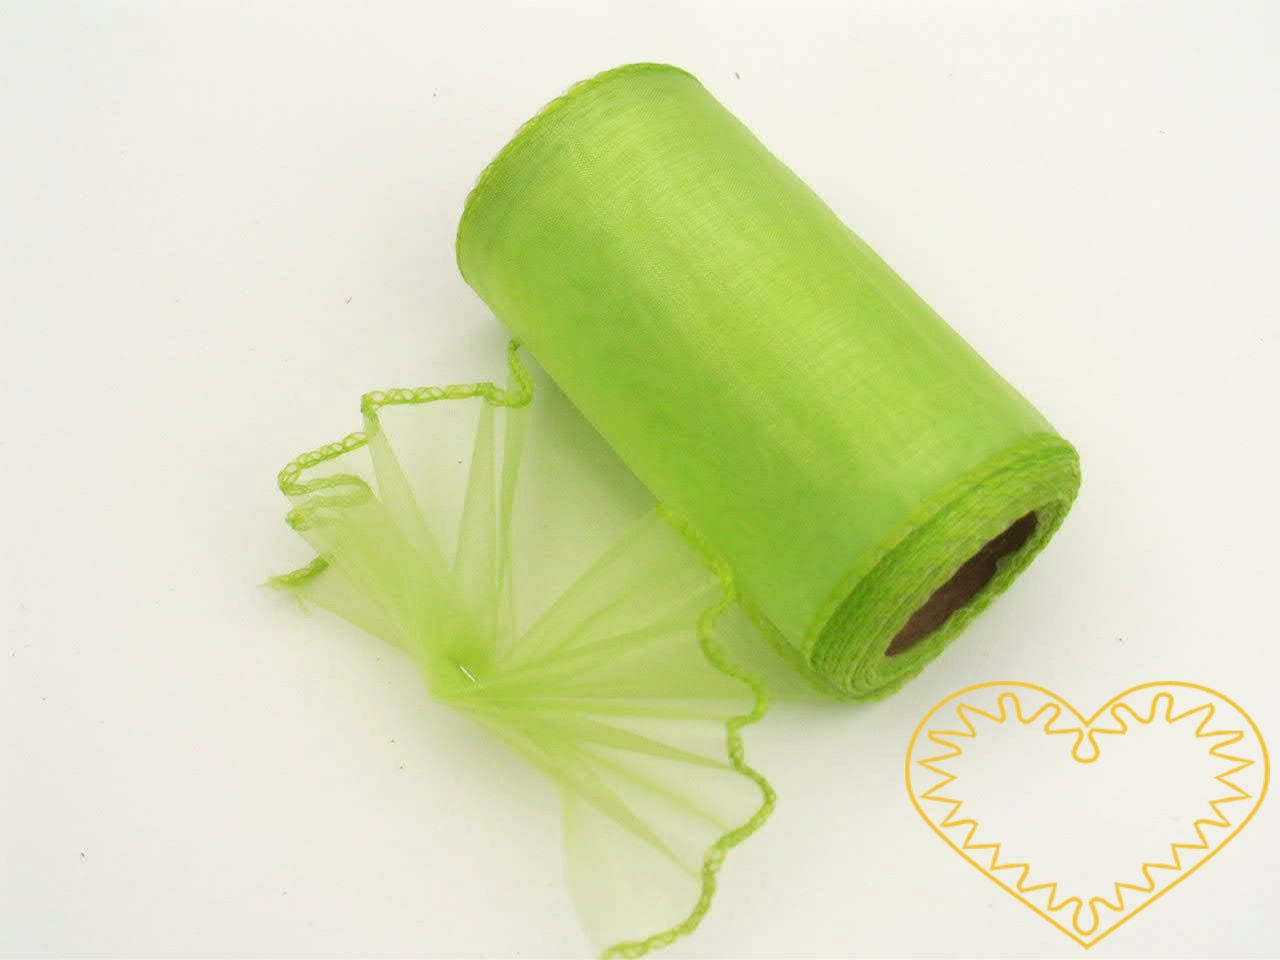 Organza světle zelená - šíře 10 cm, délka 9,14 m, z obou stran obroubená. Organza má široké využítí - k dekoračním účelům, k šití, do květinových aranžmá, pro výzdobu slavnostní tabule, k balení dárků, jako mašle, na výrobu broží i dalších ozdob.